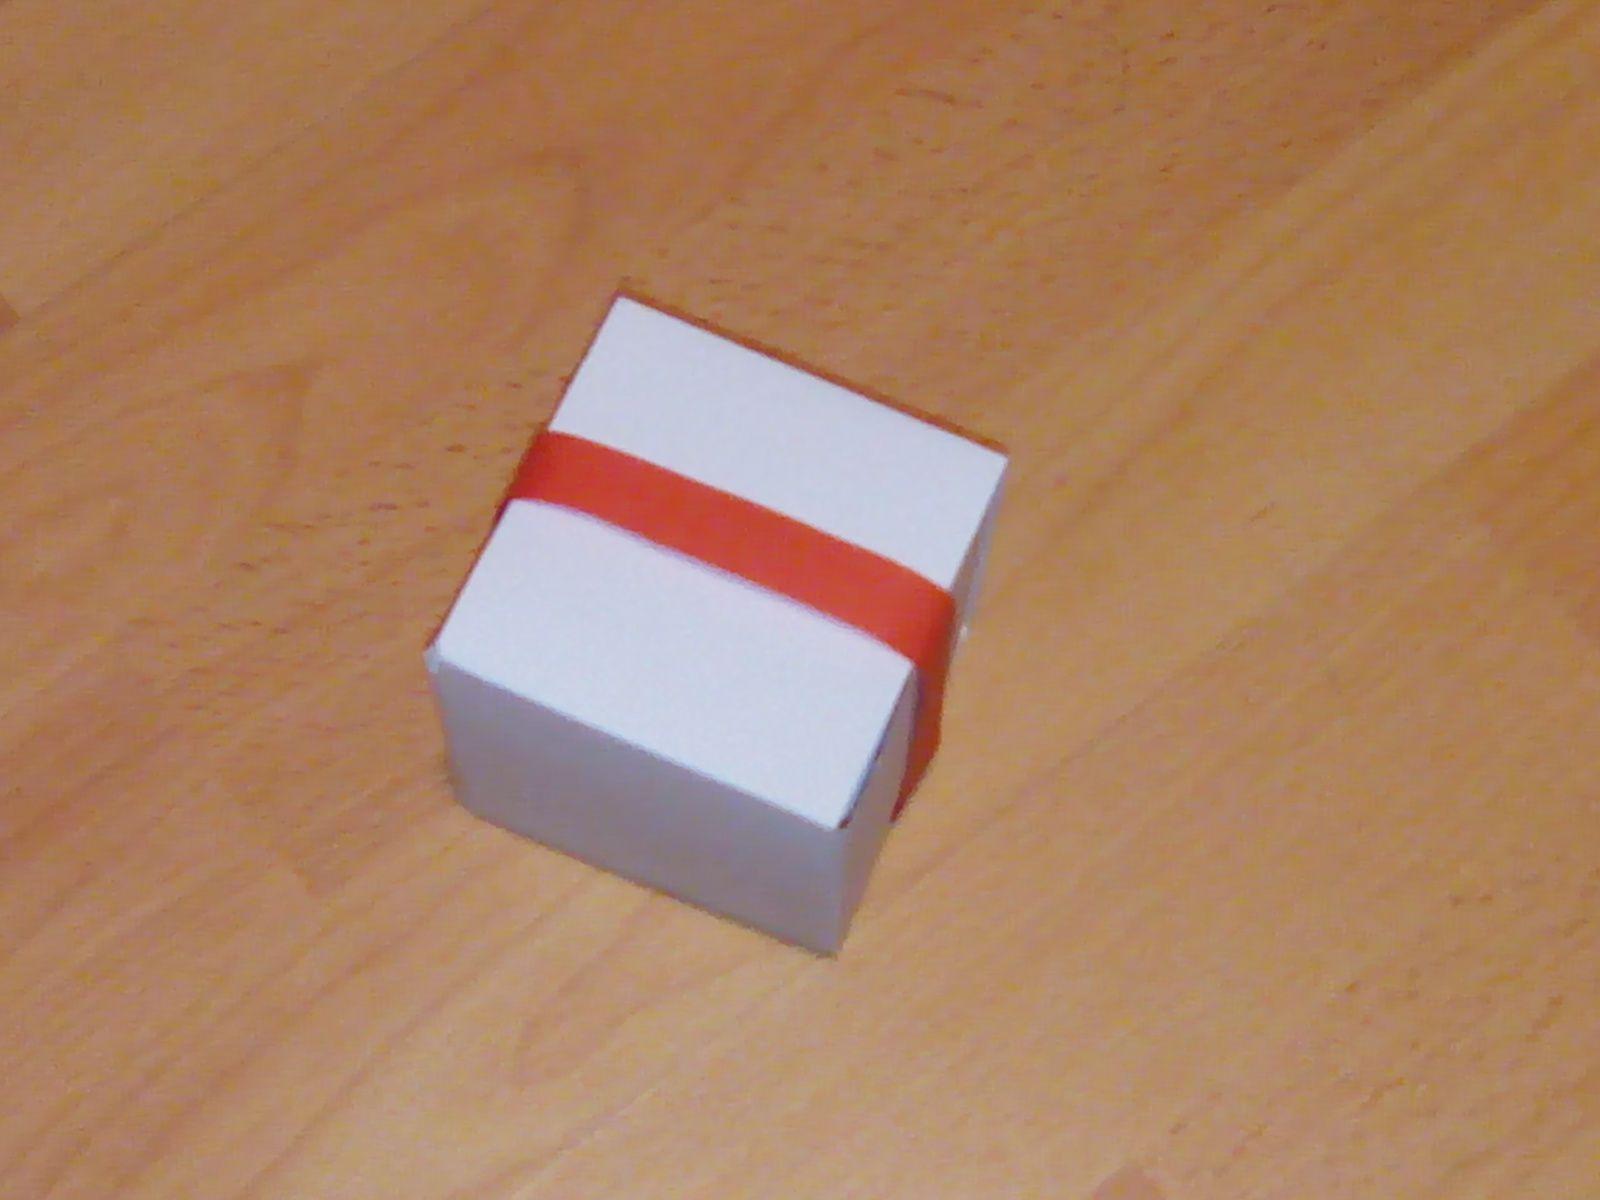 Bricolage de Noël : boite cadeau pour mettre des chocolats